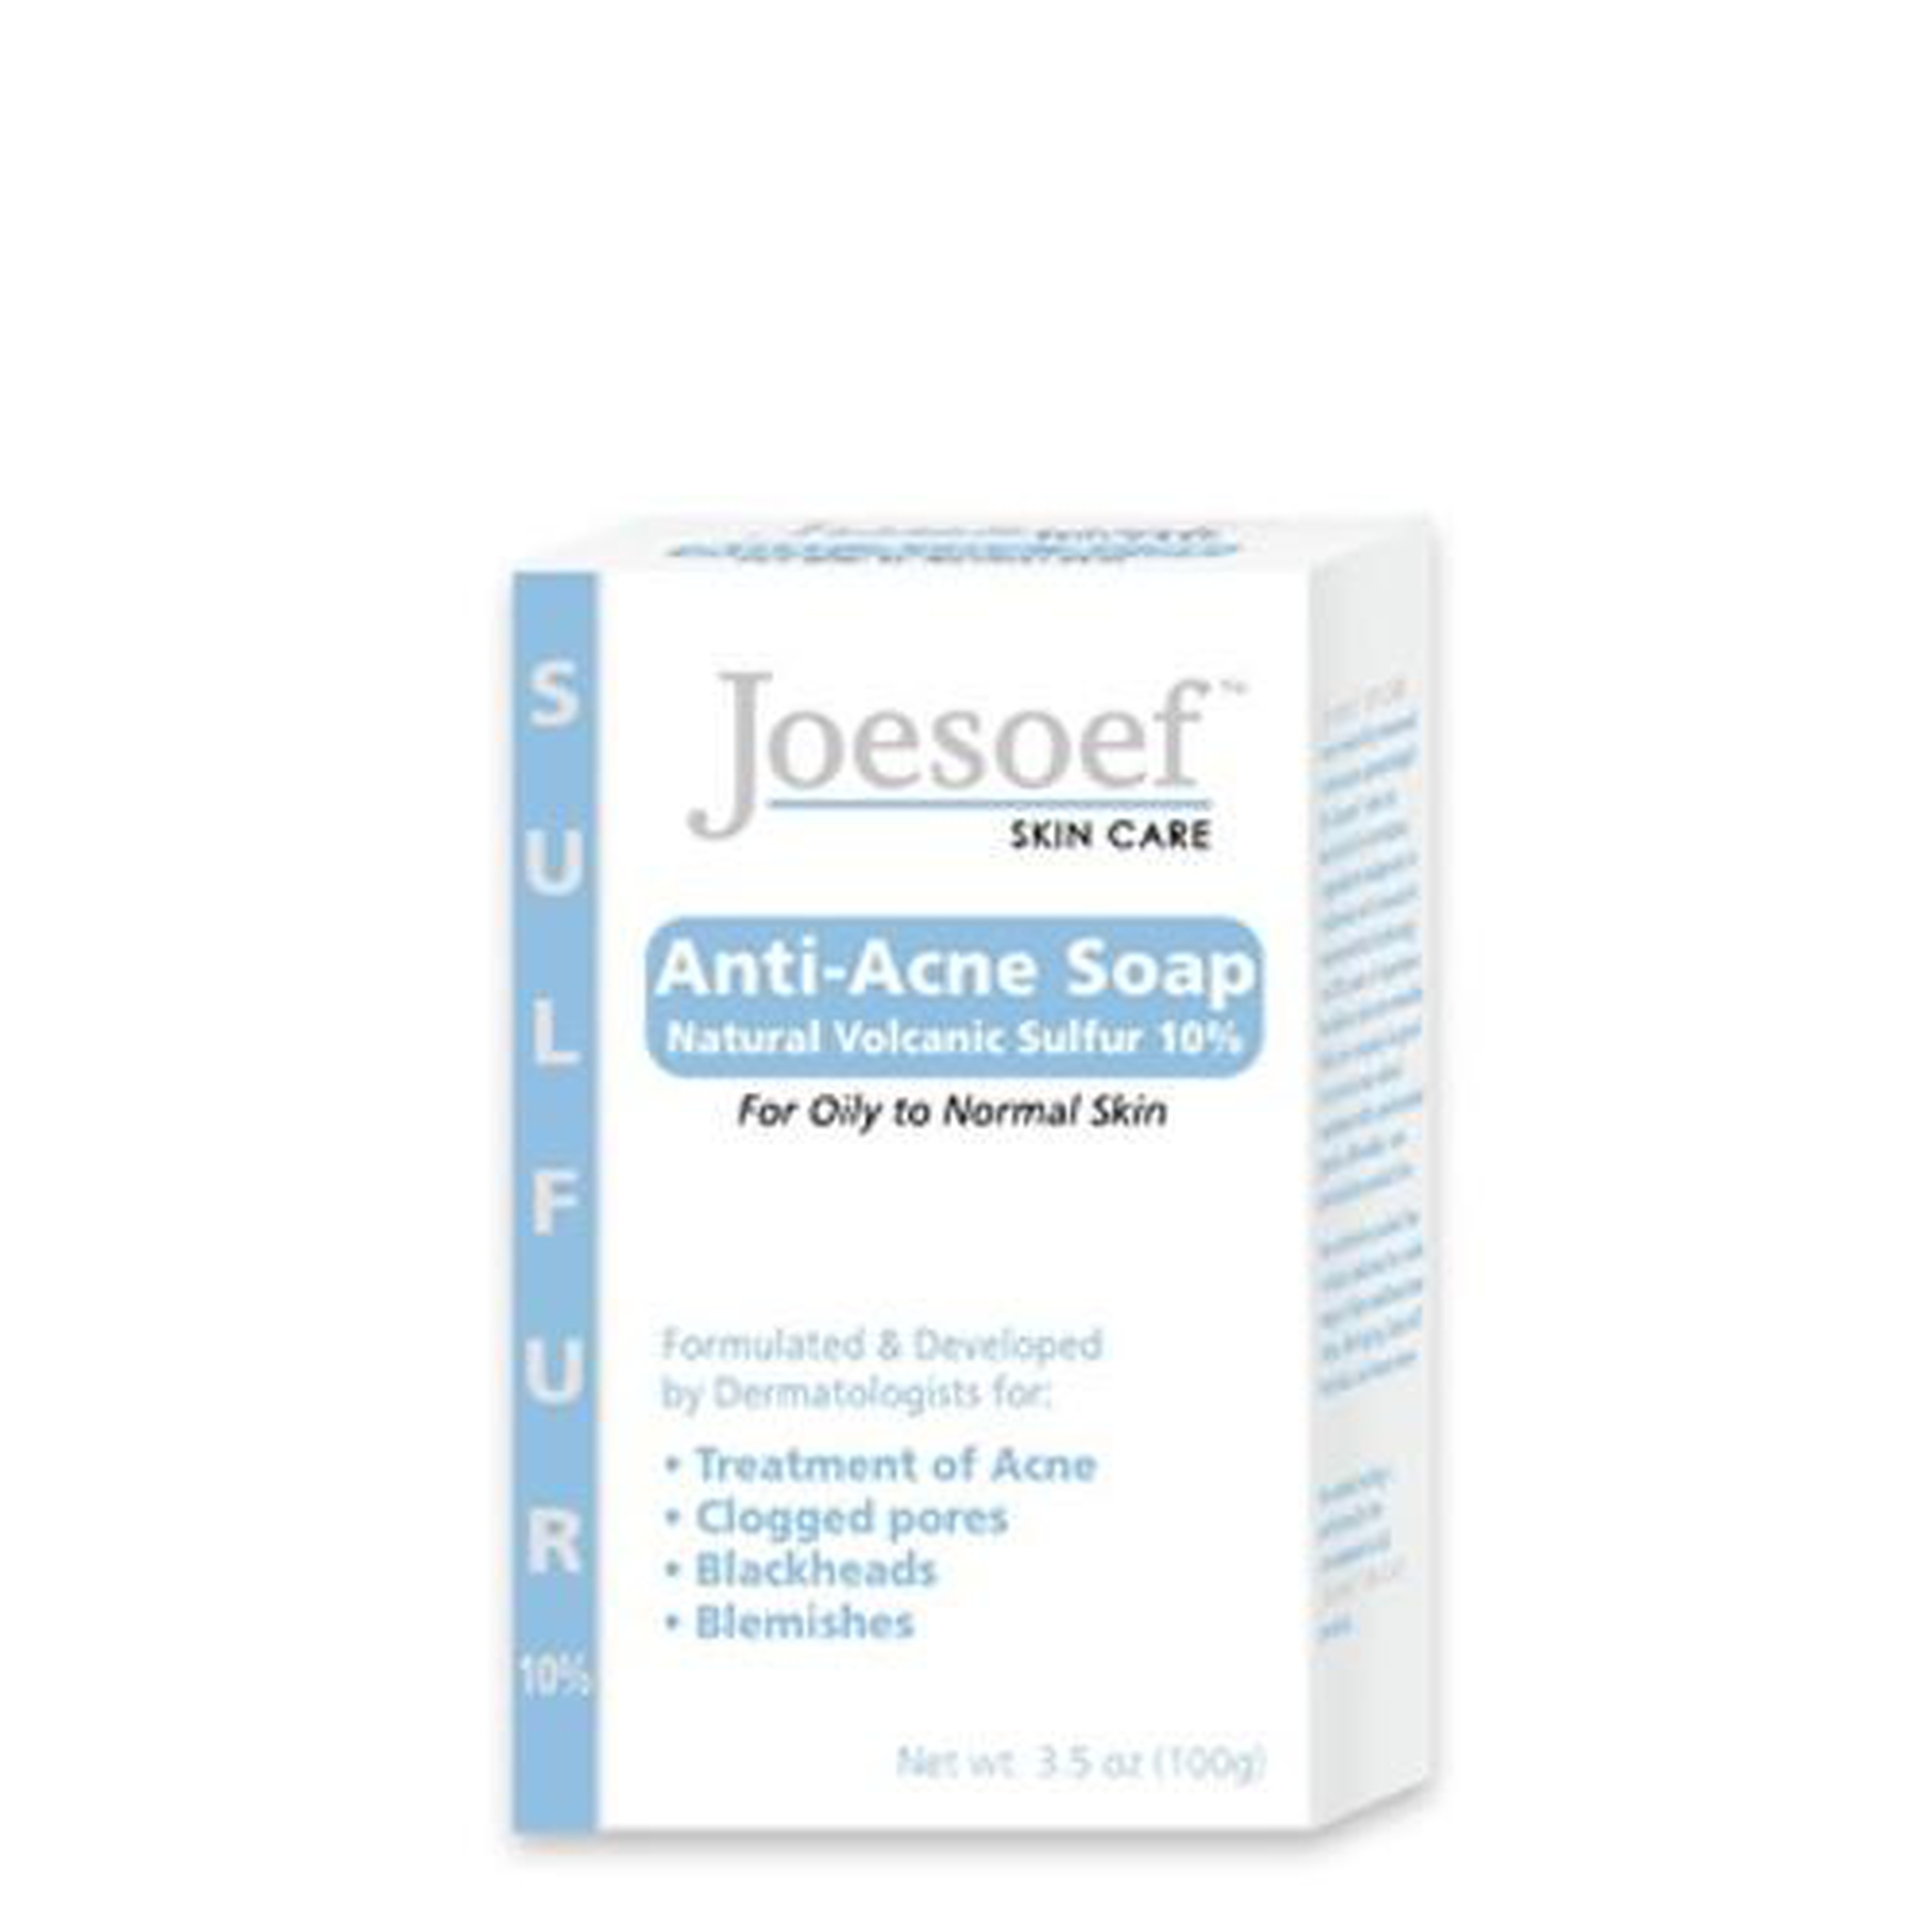 Joesoef Anti Acne Soap